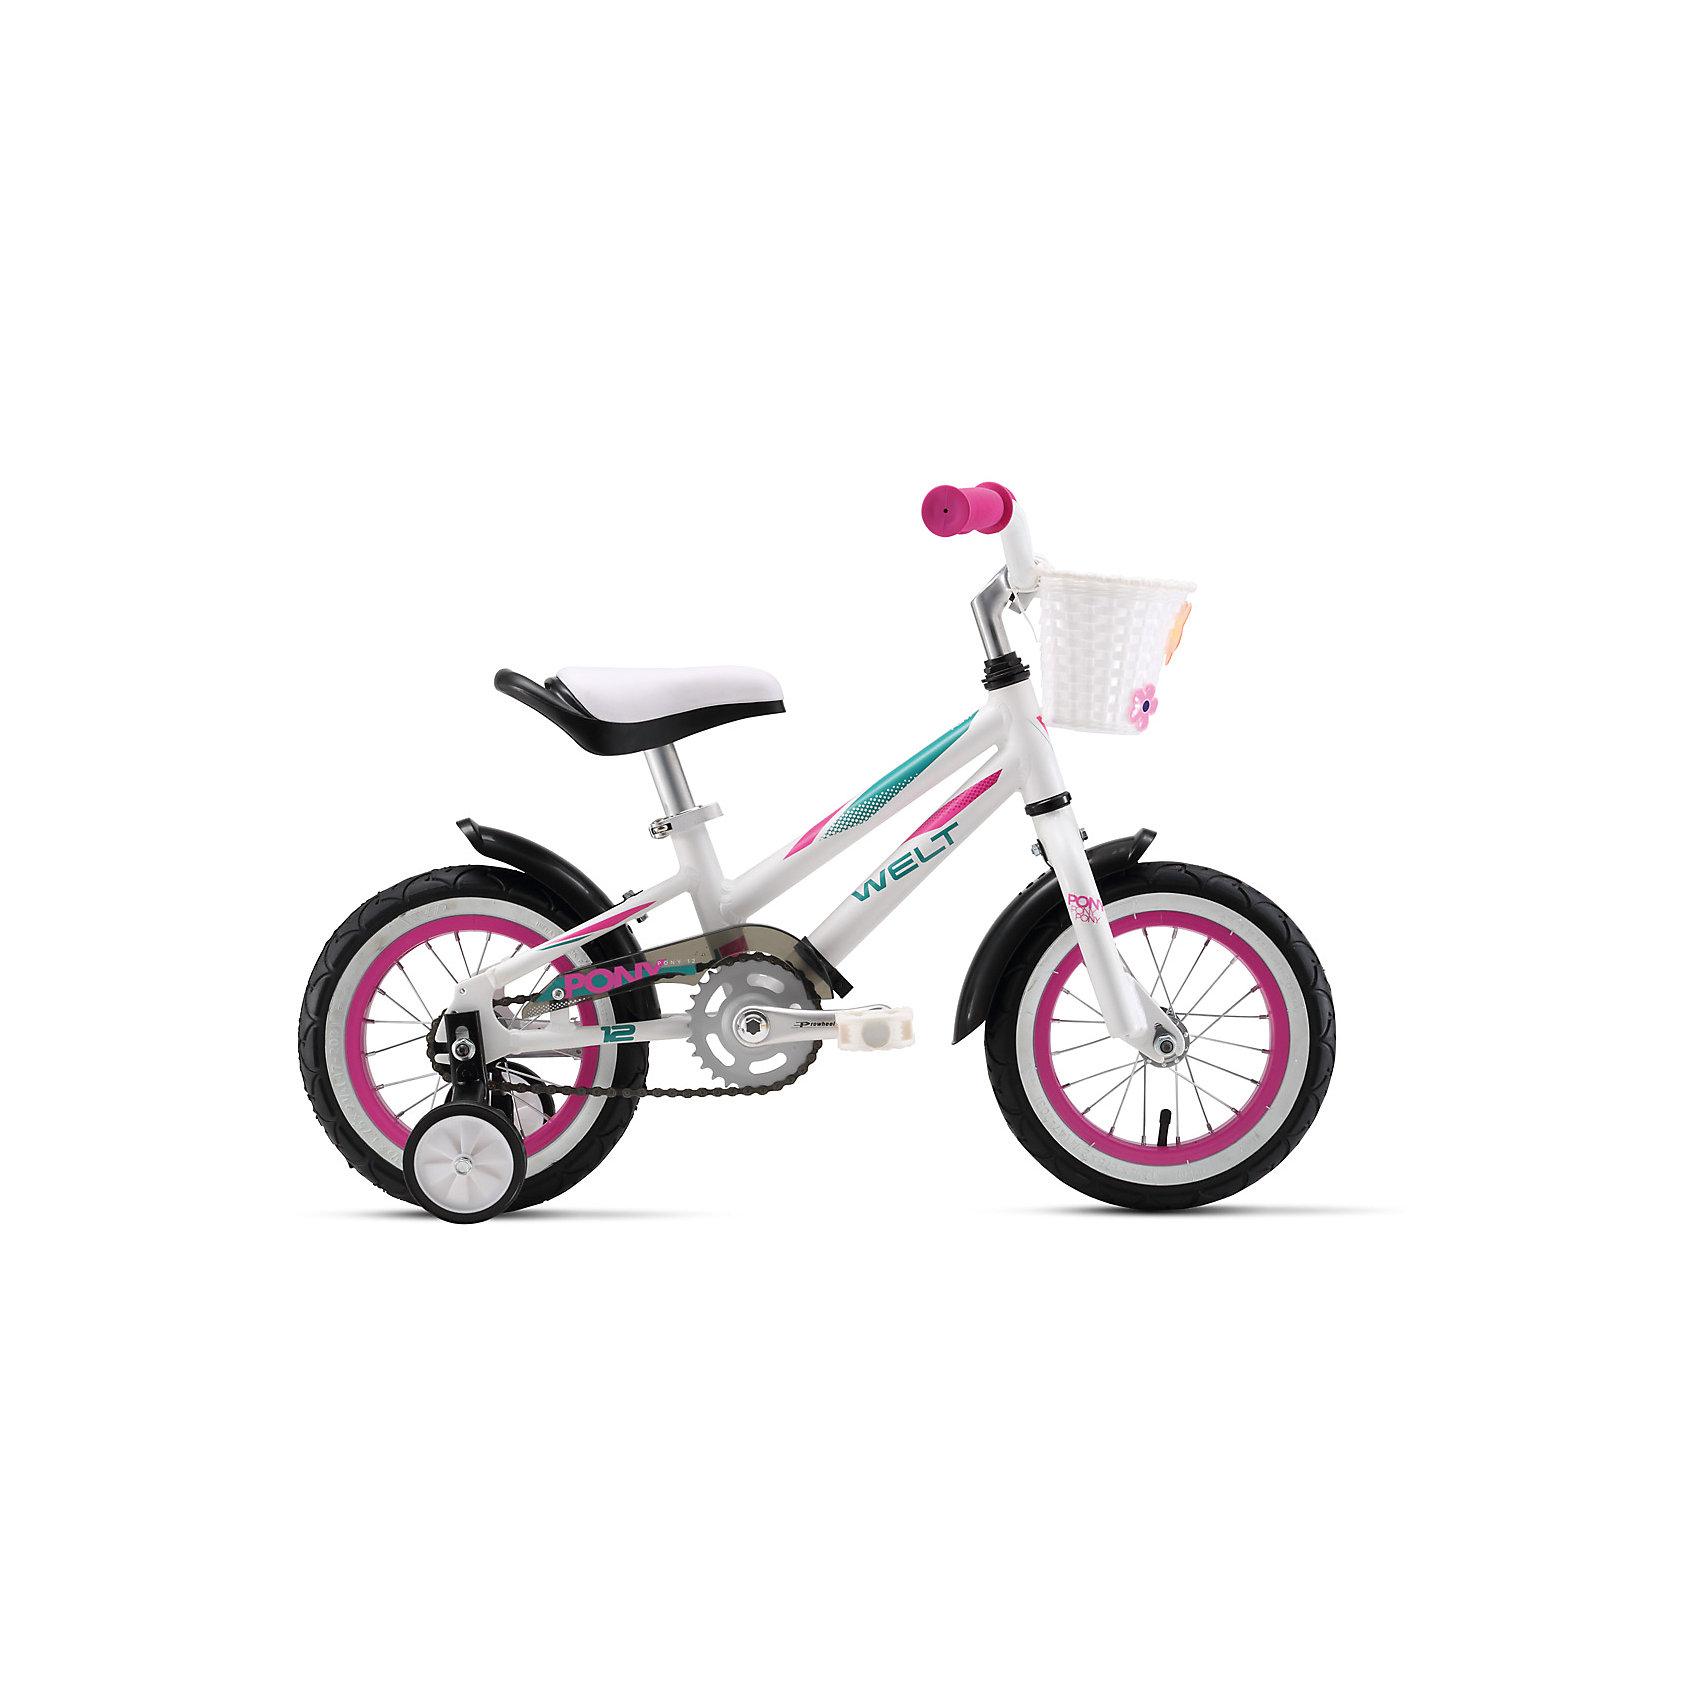 Велосипед  Pony 12, бело-розовый, WeltВелосипеды детские<br>Характеристики товара:<br><br>• цвет: белый, розовый <br>• возраст: от 4 лет<br>• рама: Alloy 6061<br>• диаметр колес: 12<br>• 1 скорость<br>• вилка: Rigid (жесткая)<br>• тип тормозов: ножной (coaster)<br>• система: 3 pcs alloy<br>• кассета: 28T integrated<br>• тип рулевой колонки:  1 резьбовая<br>• покрышки: Wanda 1021 16x2,125.  <br>• размер: 145х20х80см <br>• страна бренда: Германия <br><br>Велосипед  Pony 12 разработан специально для девочек. Яркие цвета, облегченная рама, боковые колеса и корзина в комплекте. Вес 7,2 кг в сборе / 6,5 кг без боковых колес и корзины. <br><br>Велосипед  Pony 12 можно купить в нашем интернет-магазине.<br><br>Ширина мм: 1450<br>Глубина мм: 200<br>Высота мм: 800<br>Вес г: 16500<br>Возраст от месяцев: 48<br>Возраст до месяцев: 2147483647<br>Пол: Унисекс<br>Возраст: Детский<br>SKU: 5569412